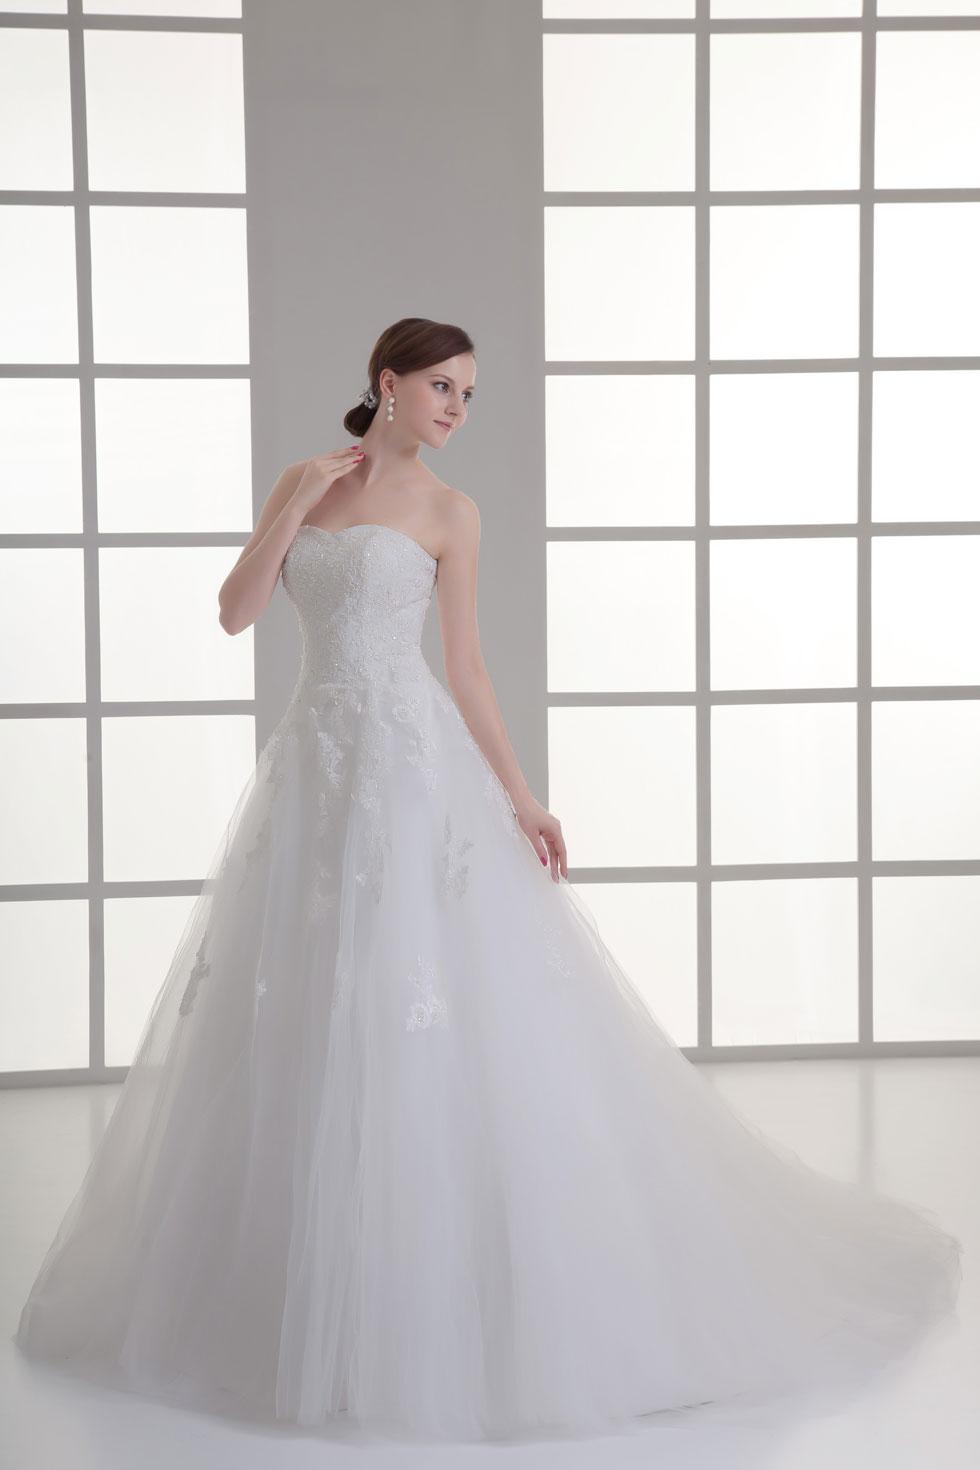 Robe de mariée en dentelle raffiné avec bijoux et appliques